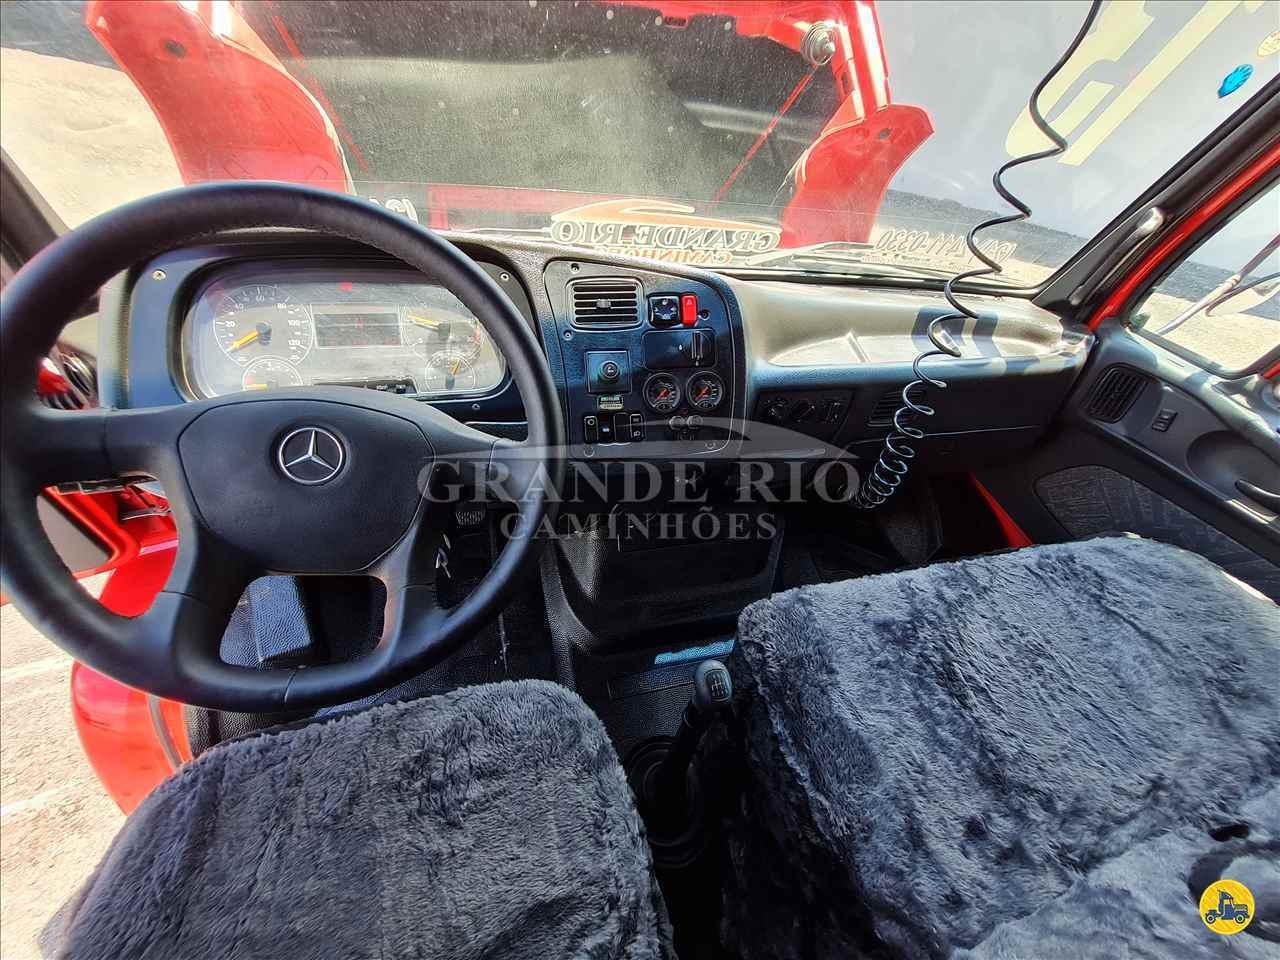 MERCEDES-BENZ MB 2324 617000km 2013/2013 Grande Rio Caminhões